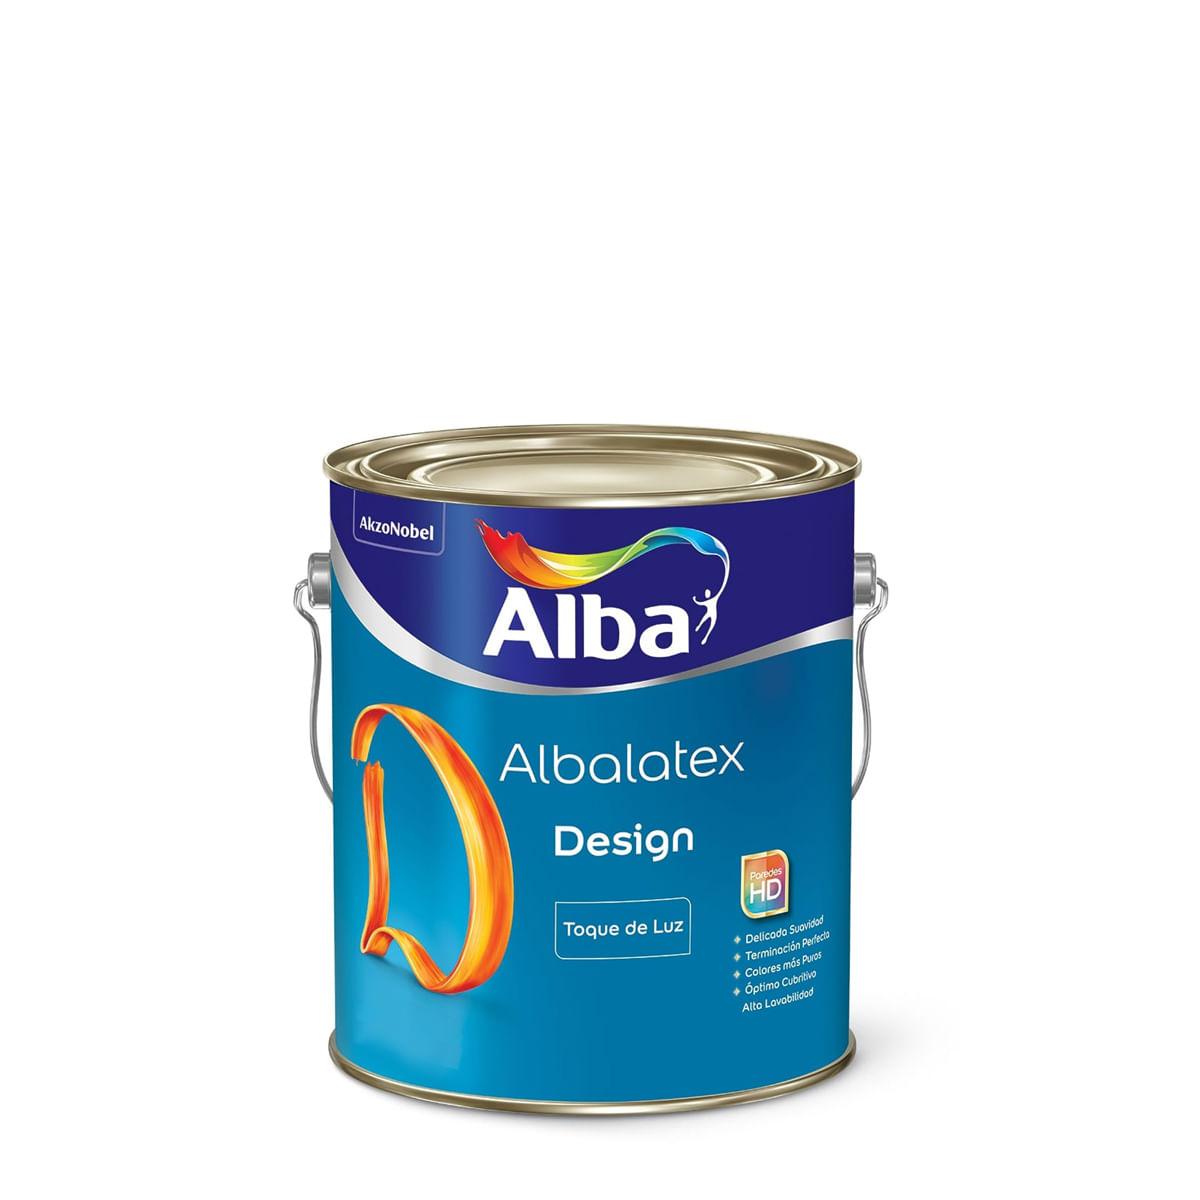 albalatex-toquedeluz